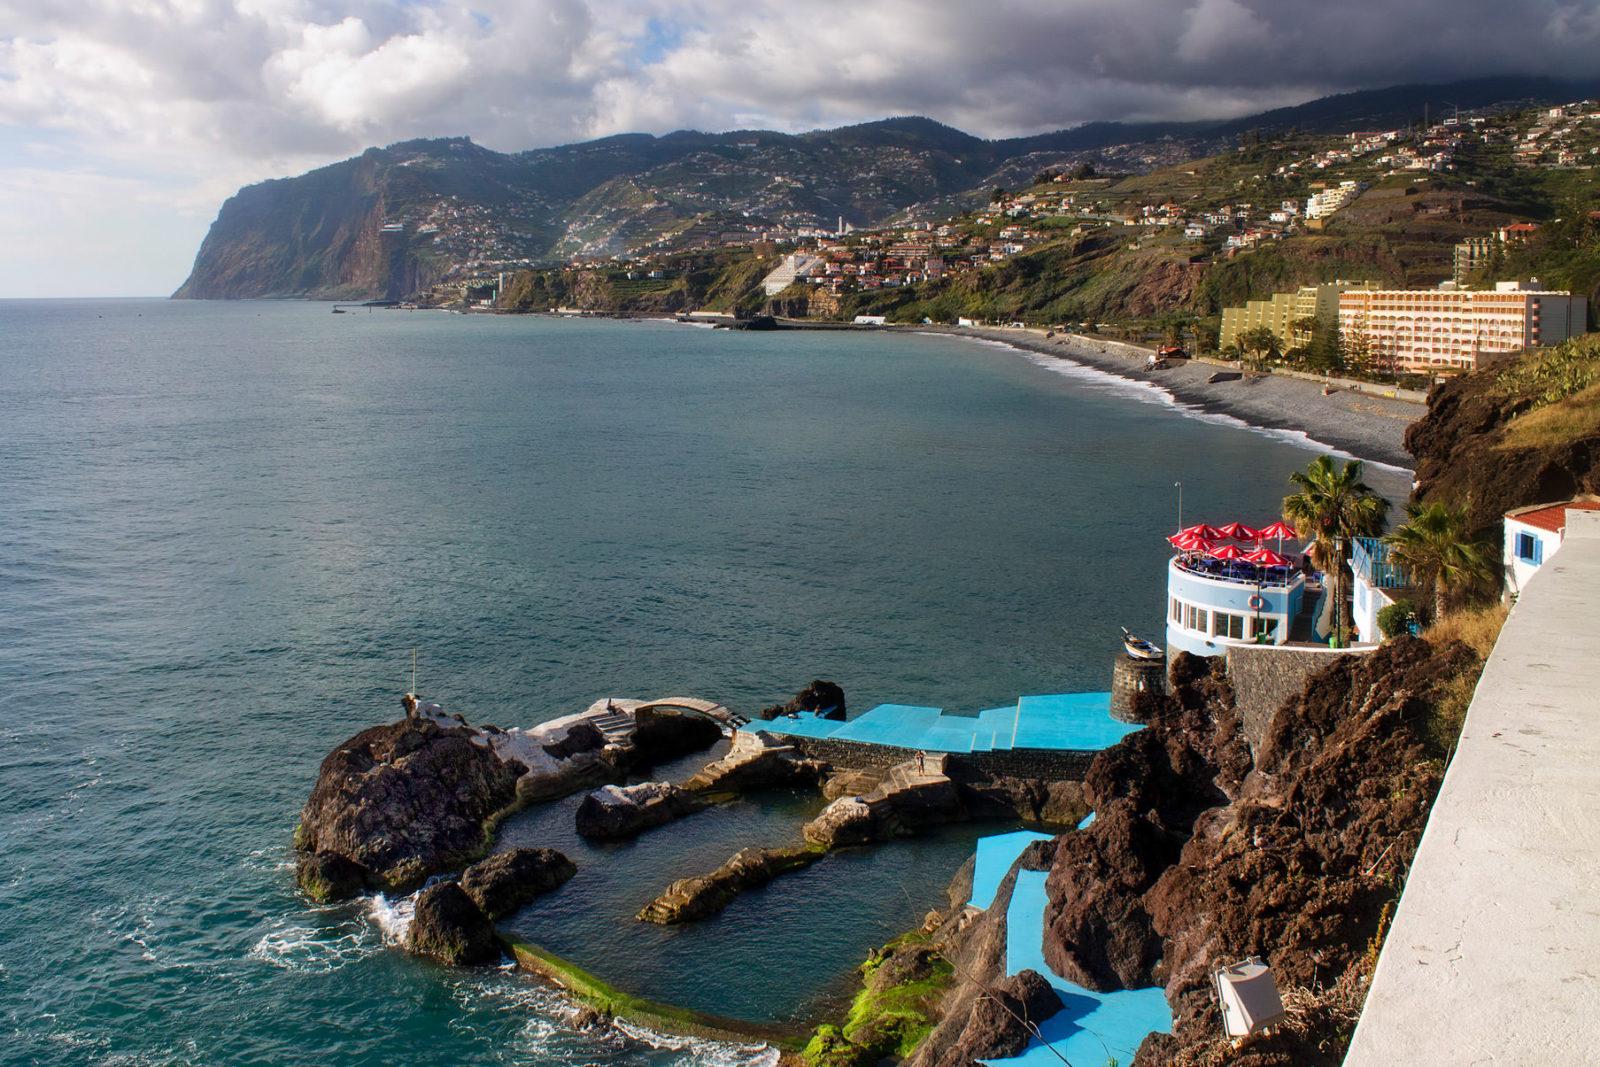 Вид на мыс Кабо-Жирао и пляж Формоза (фото: Bruno Pereira)